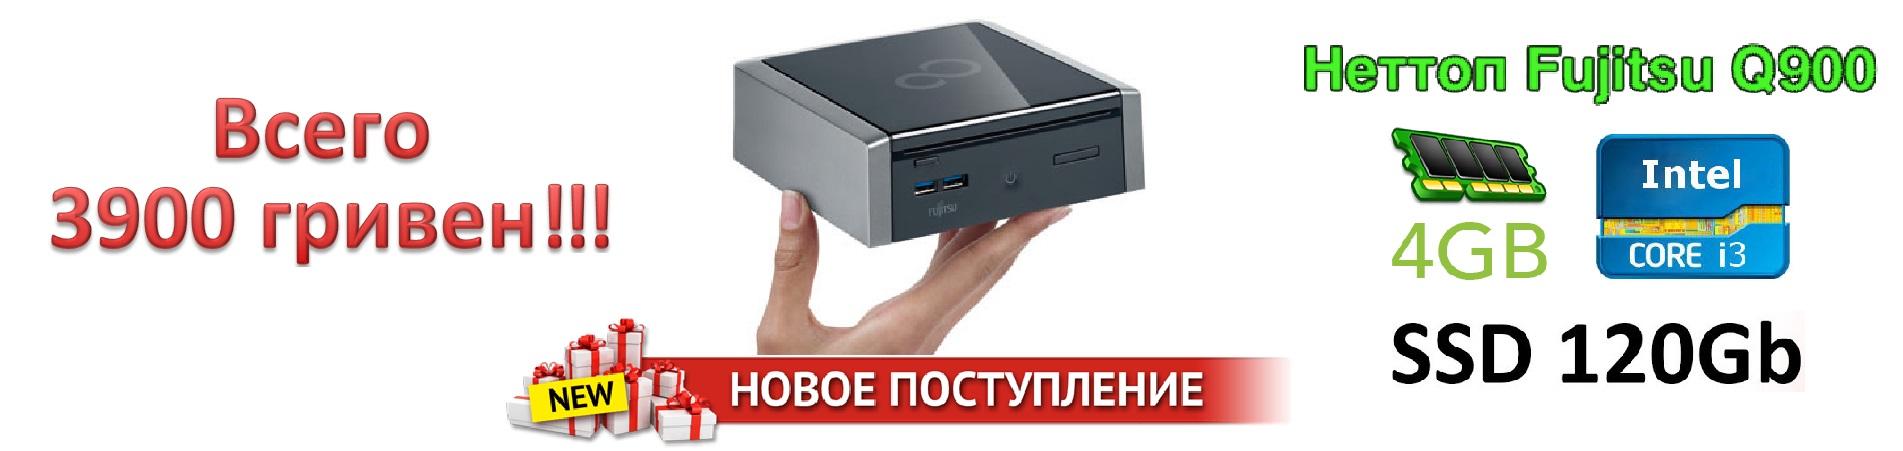 Nettop Q900